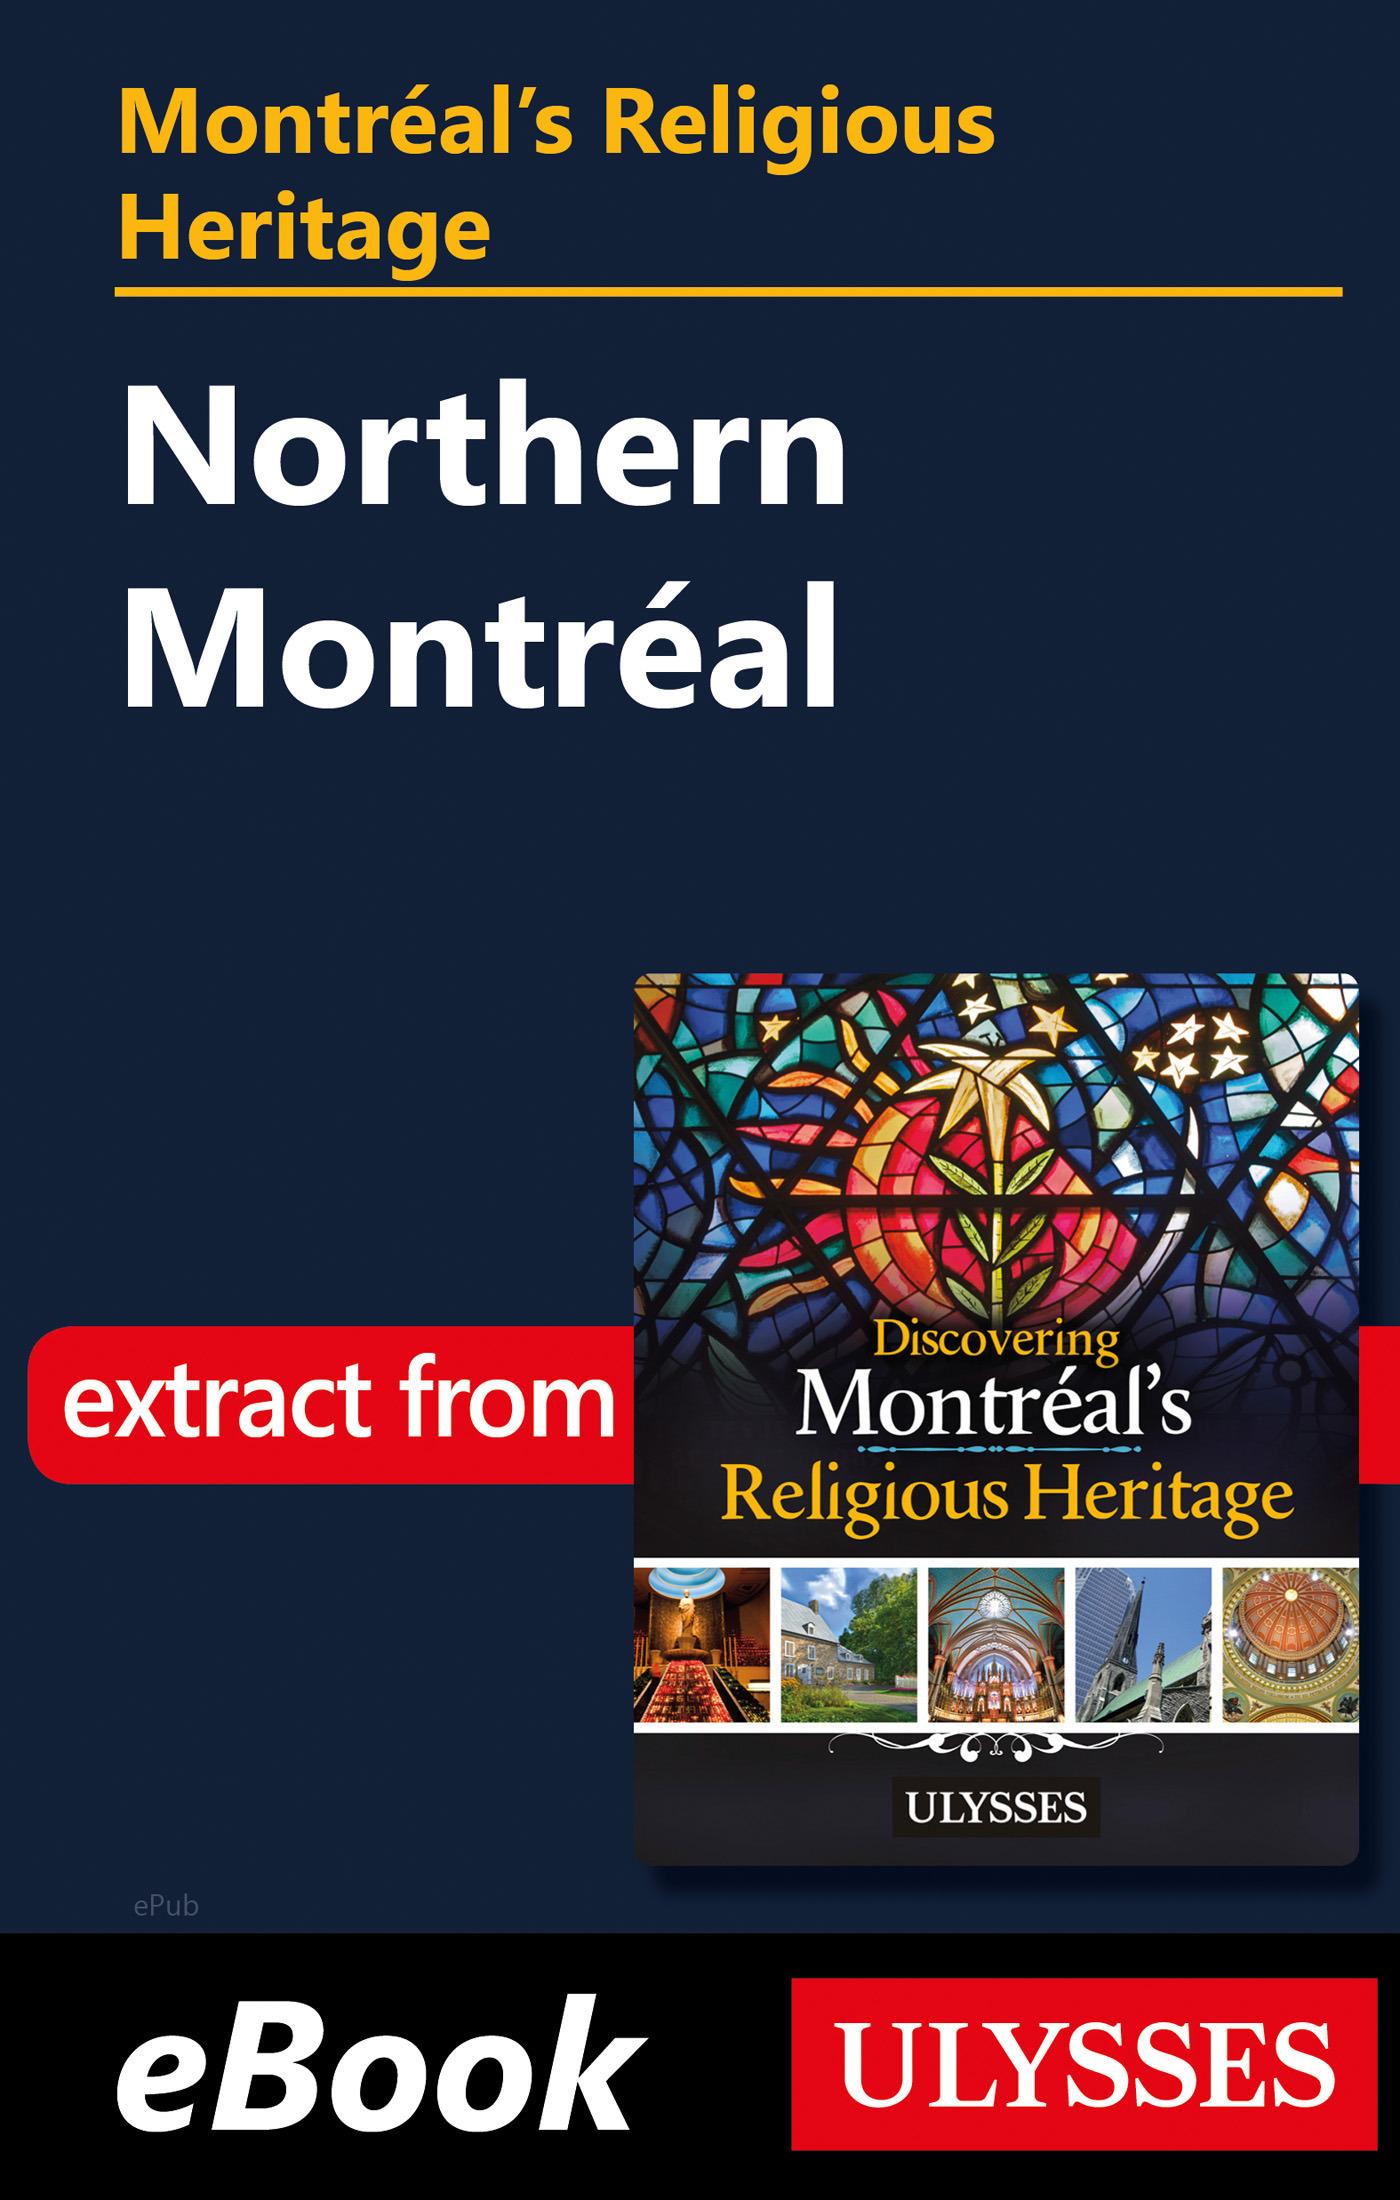 Montréal's Religious Heritage: Northern Montréal